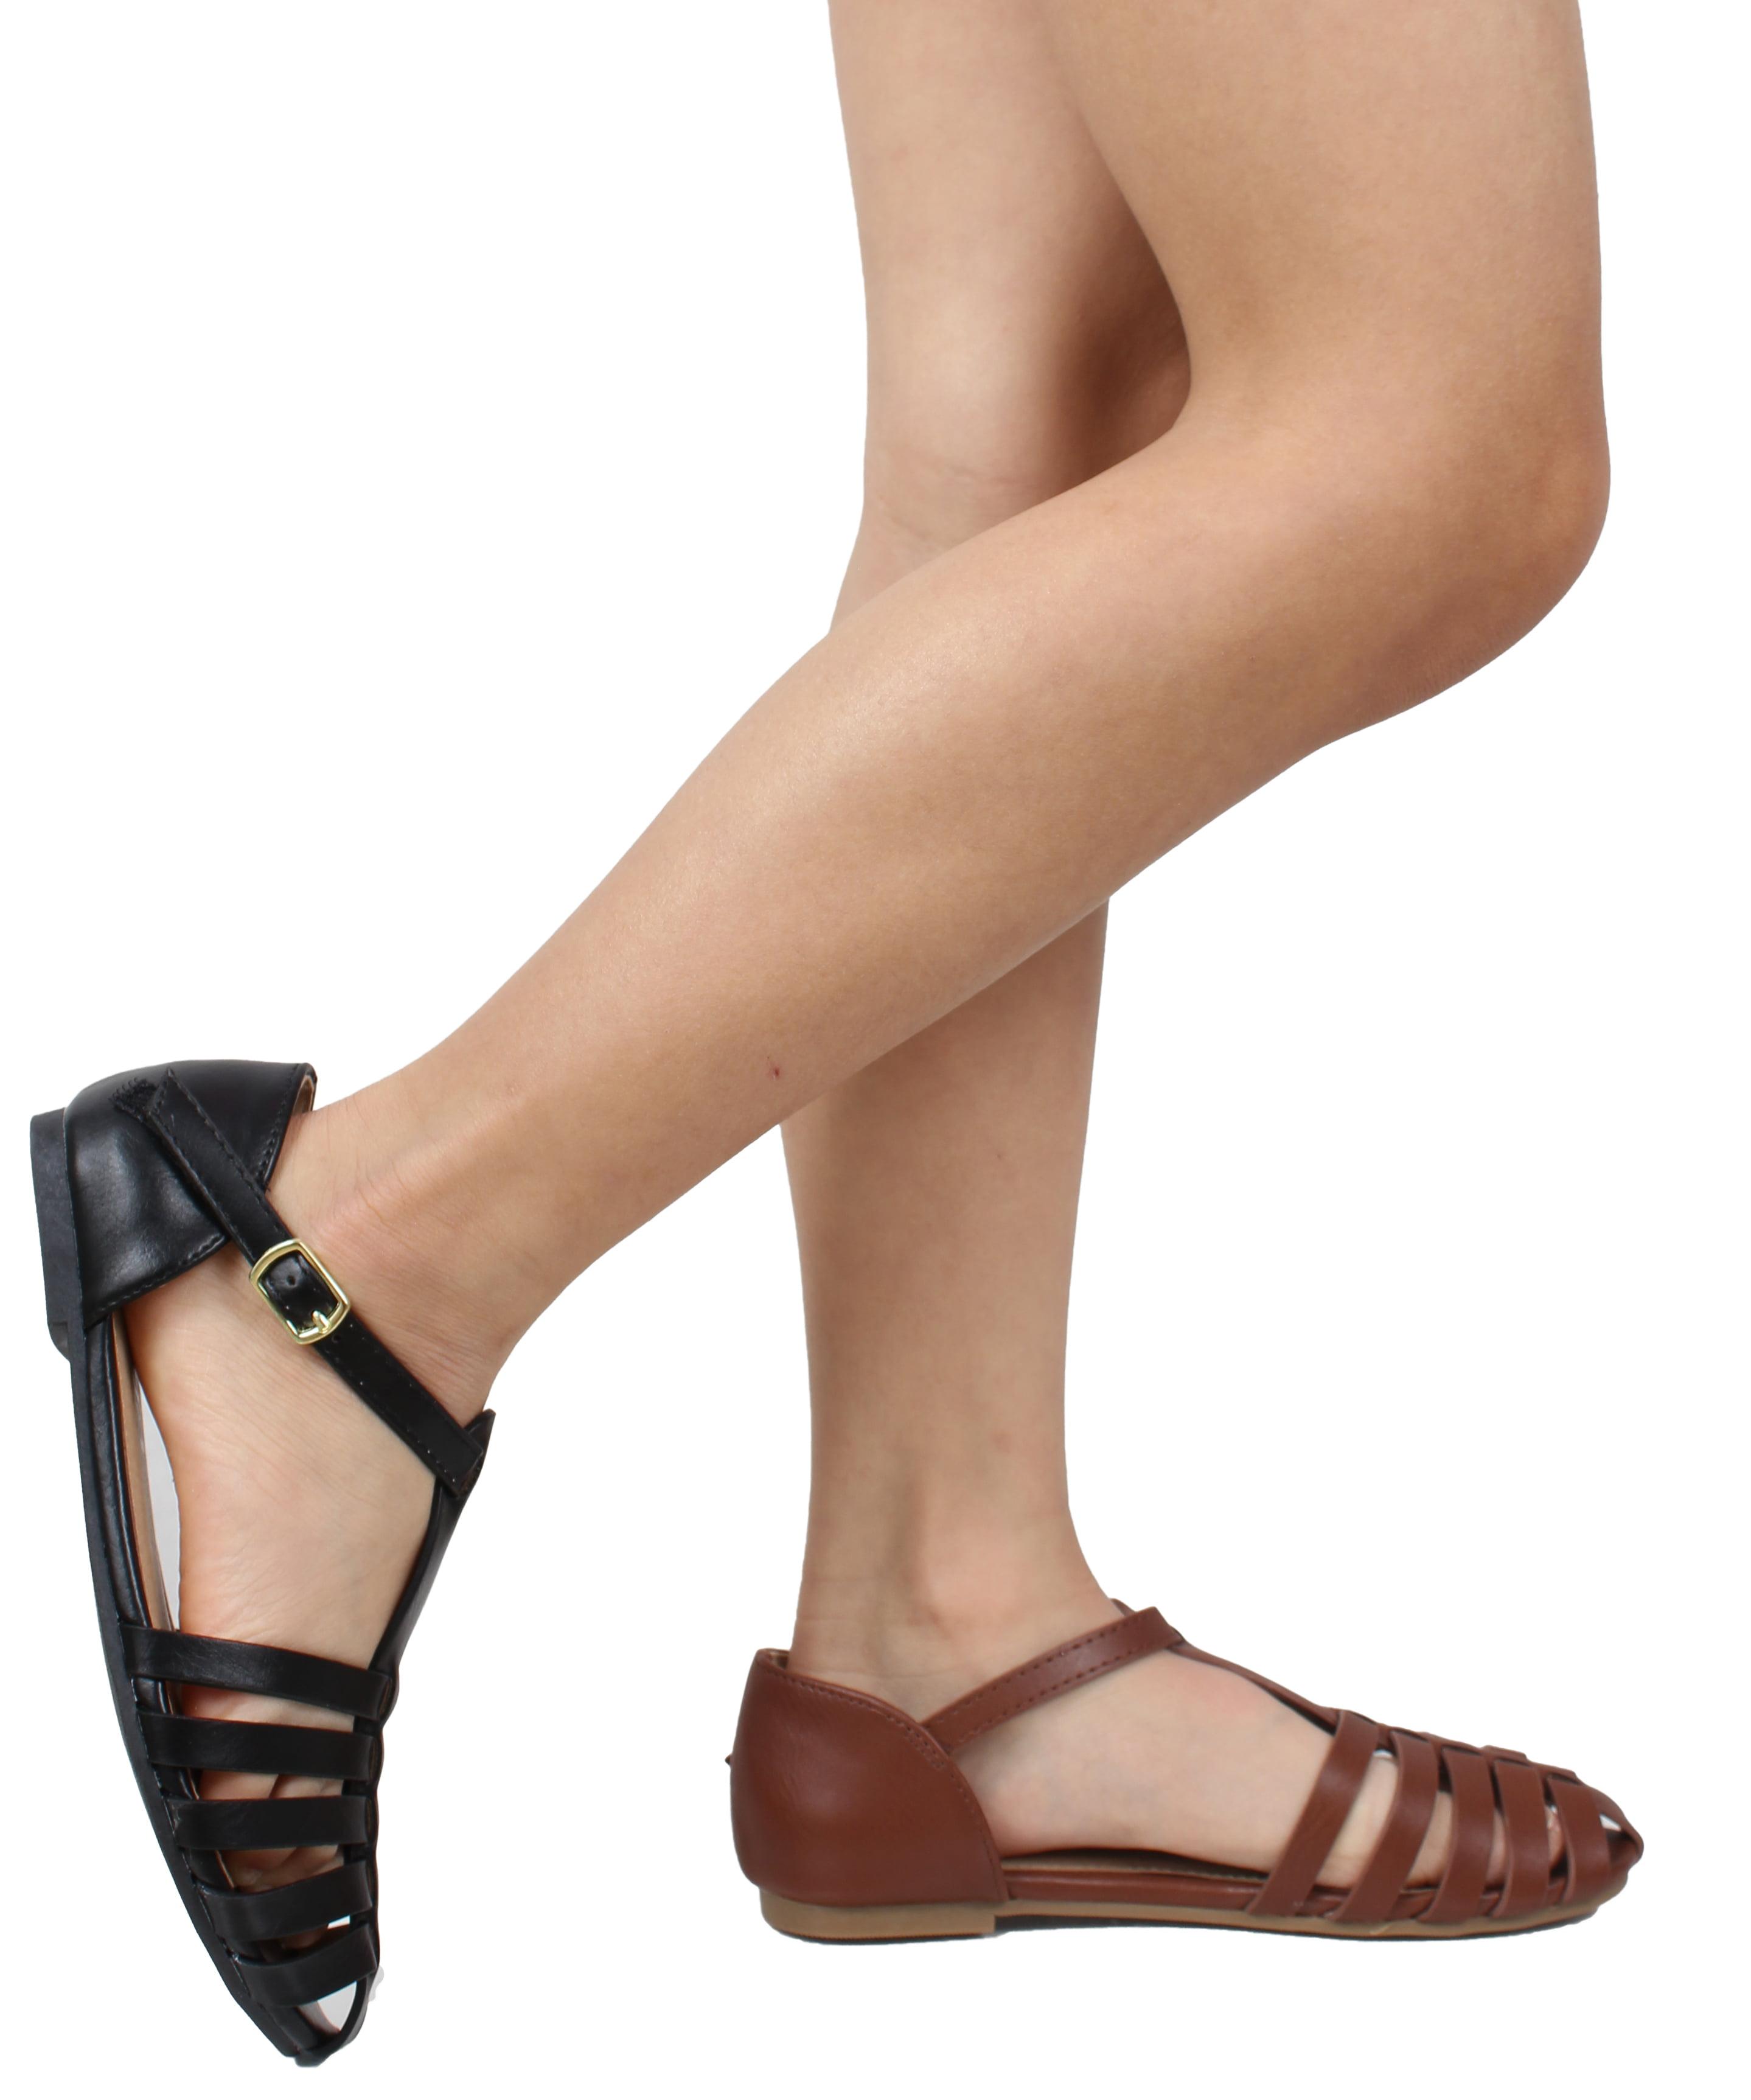 Soda - Soda Girl s Closed Toe Strappy Braided Ankle Strap Flat Sandal  (Black